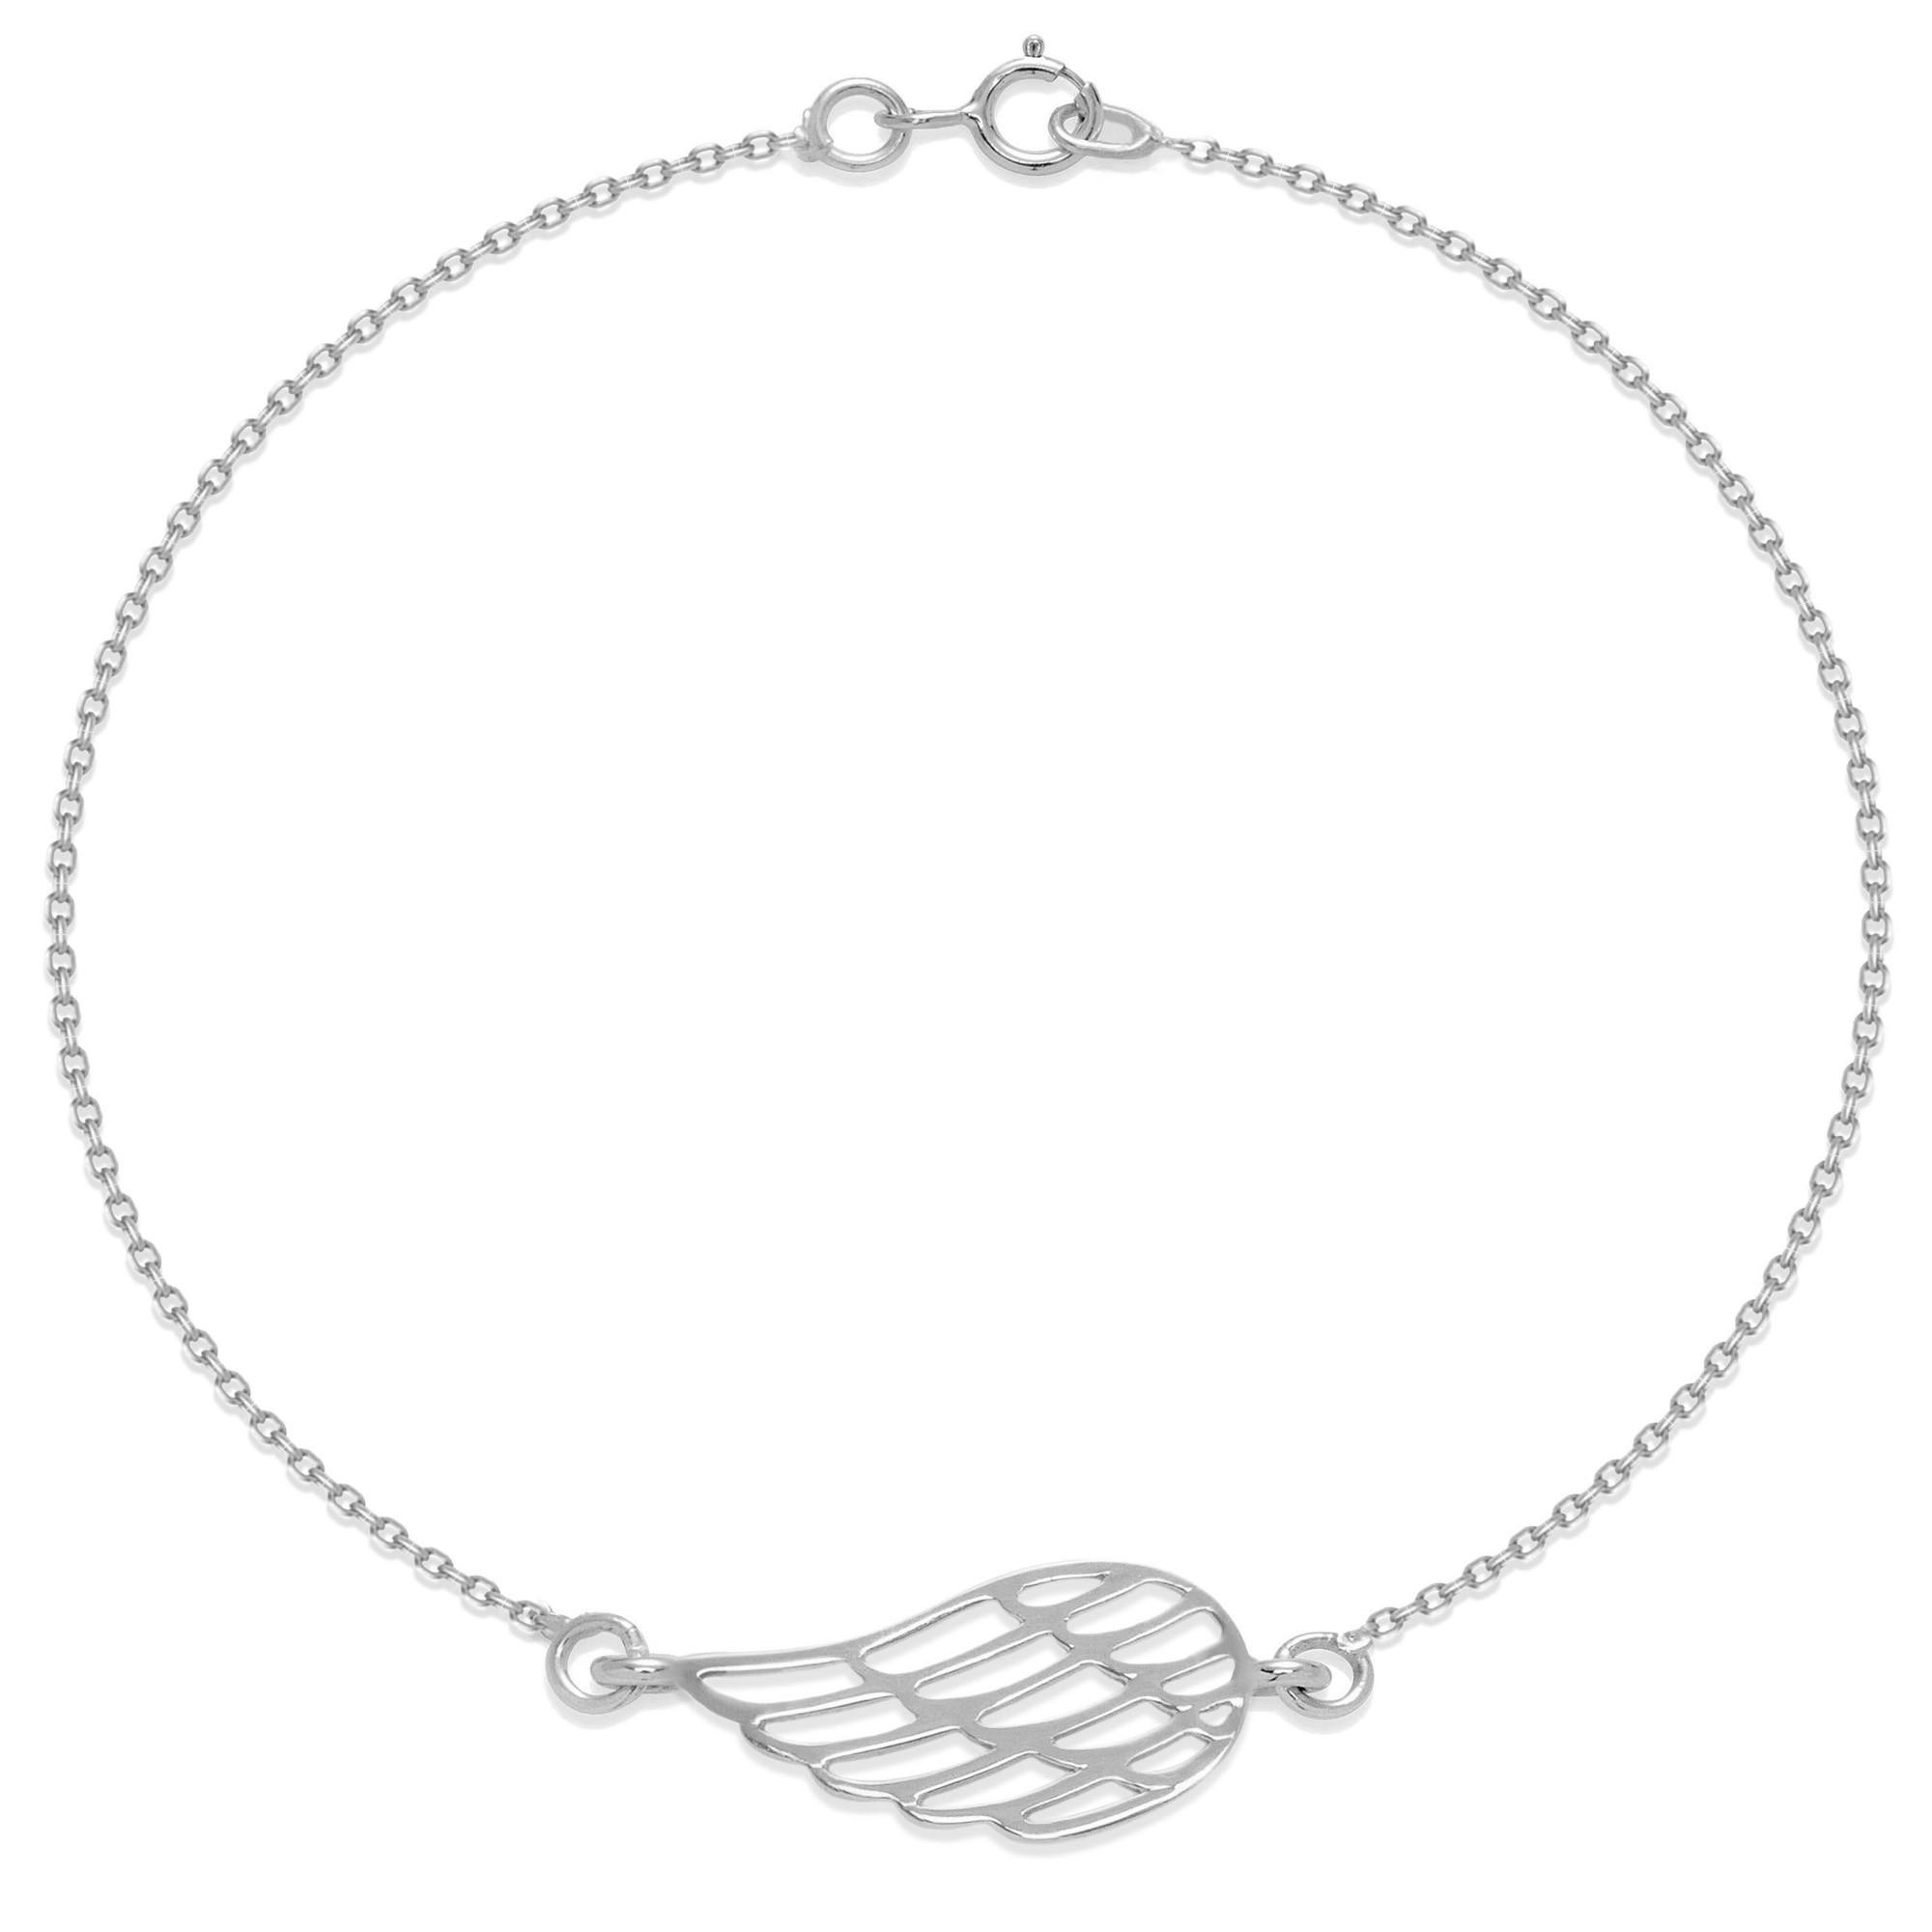 Bracelet chaîne avec une aile ajourée en argent